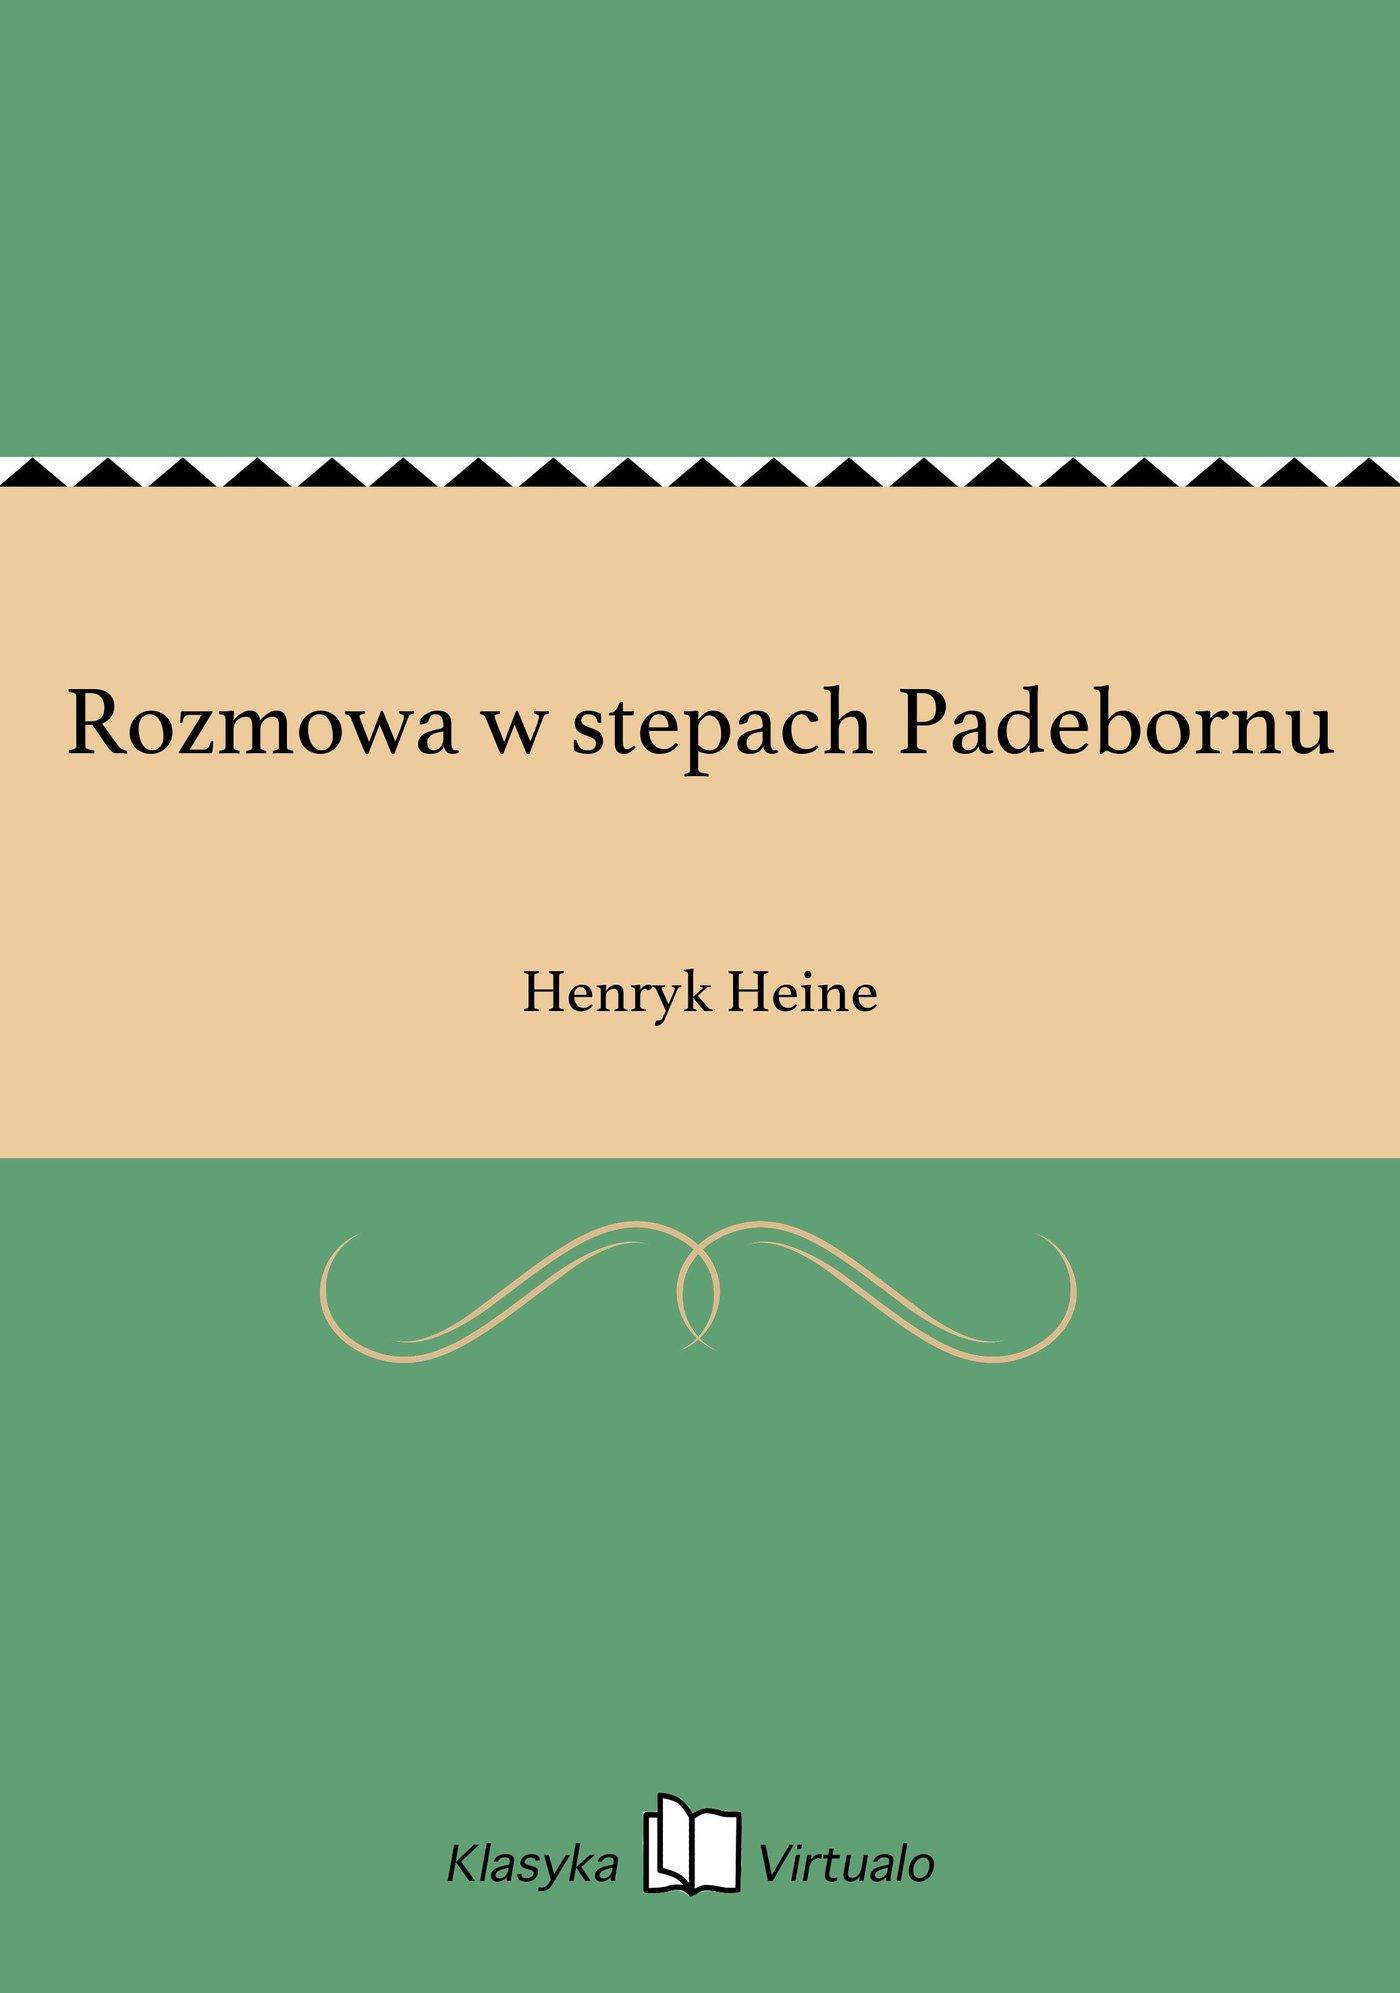 Rozmowa w stepach Padebornu - Ebook (Książka na Kindle) do pobrania w formacie MOBI